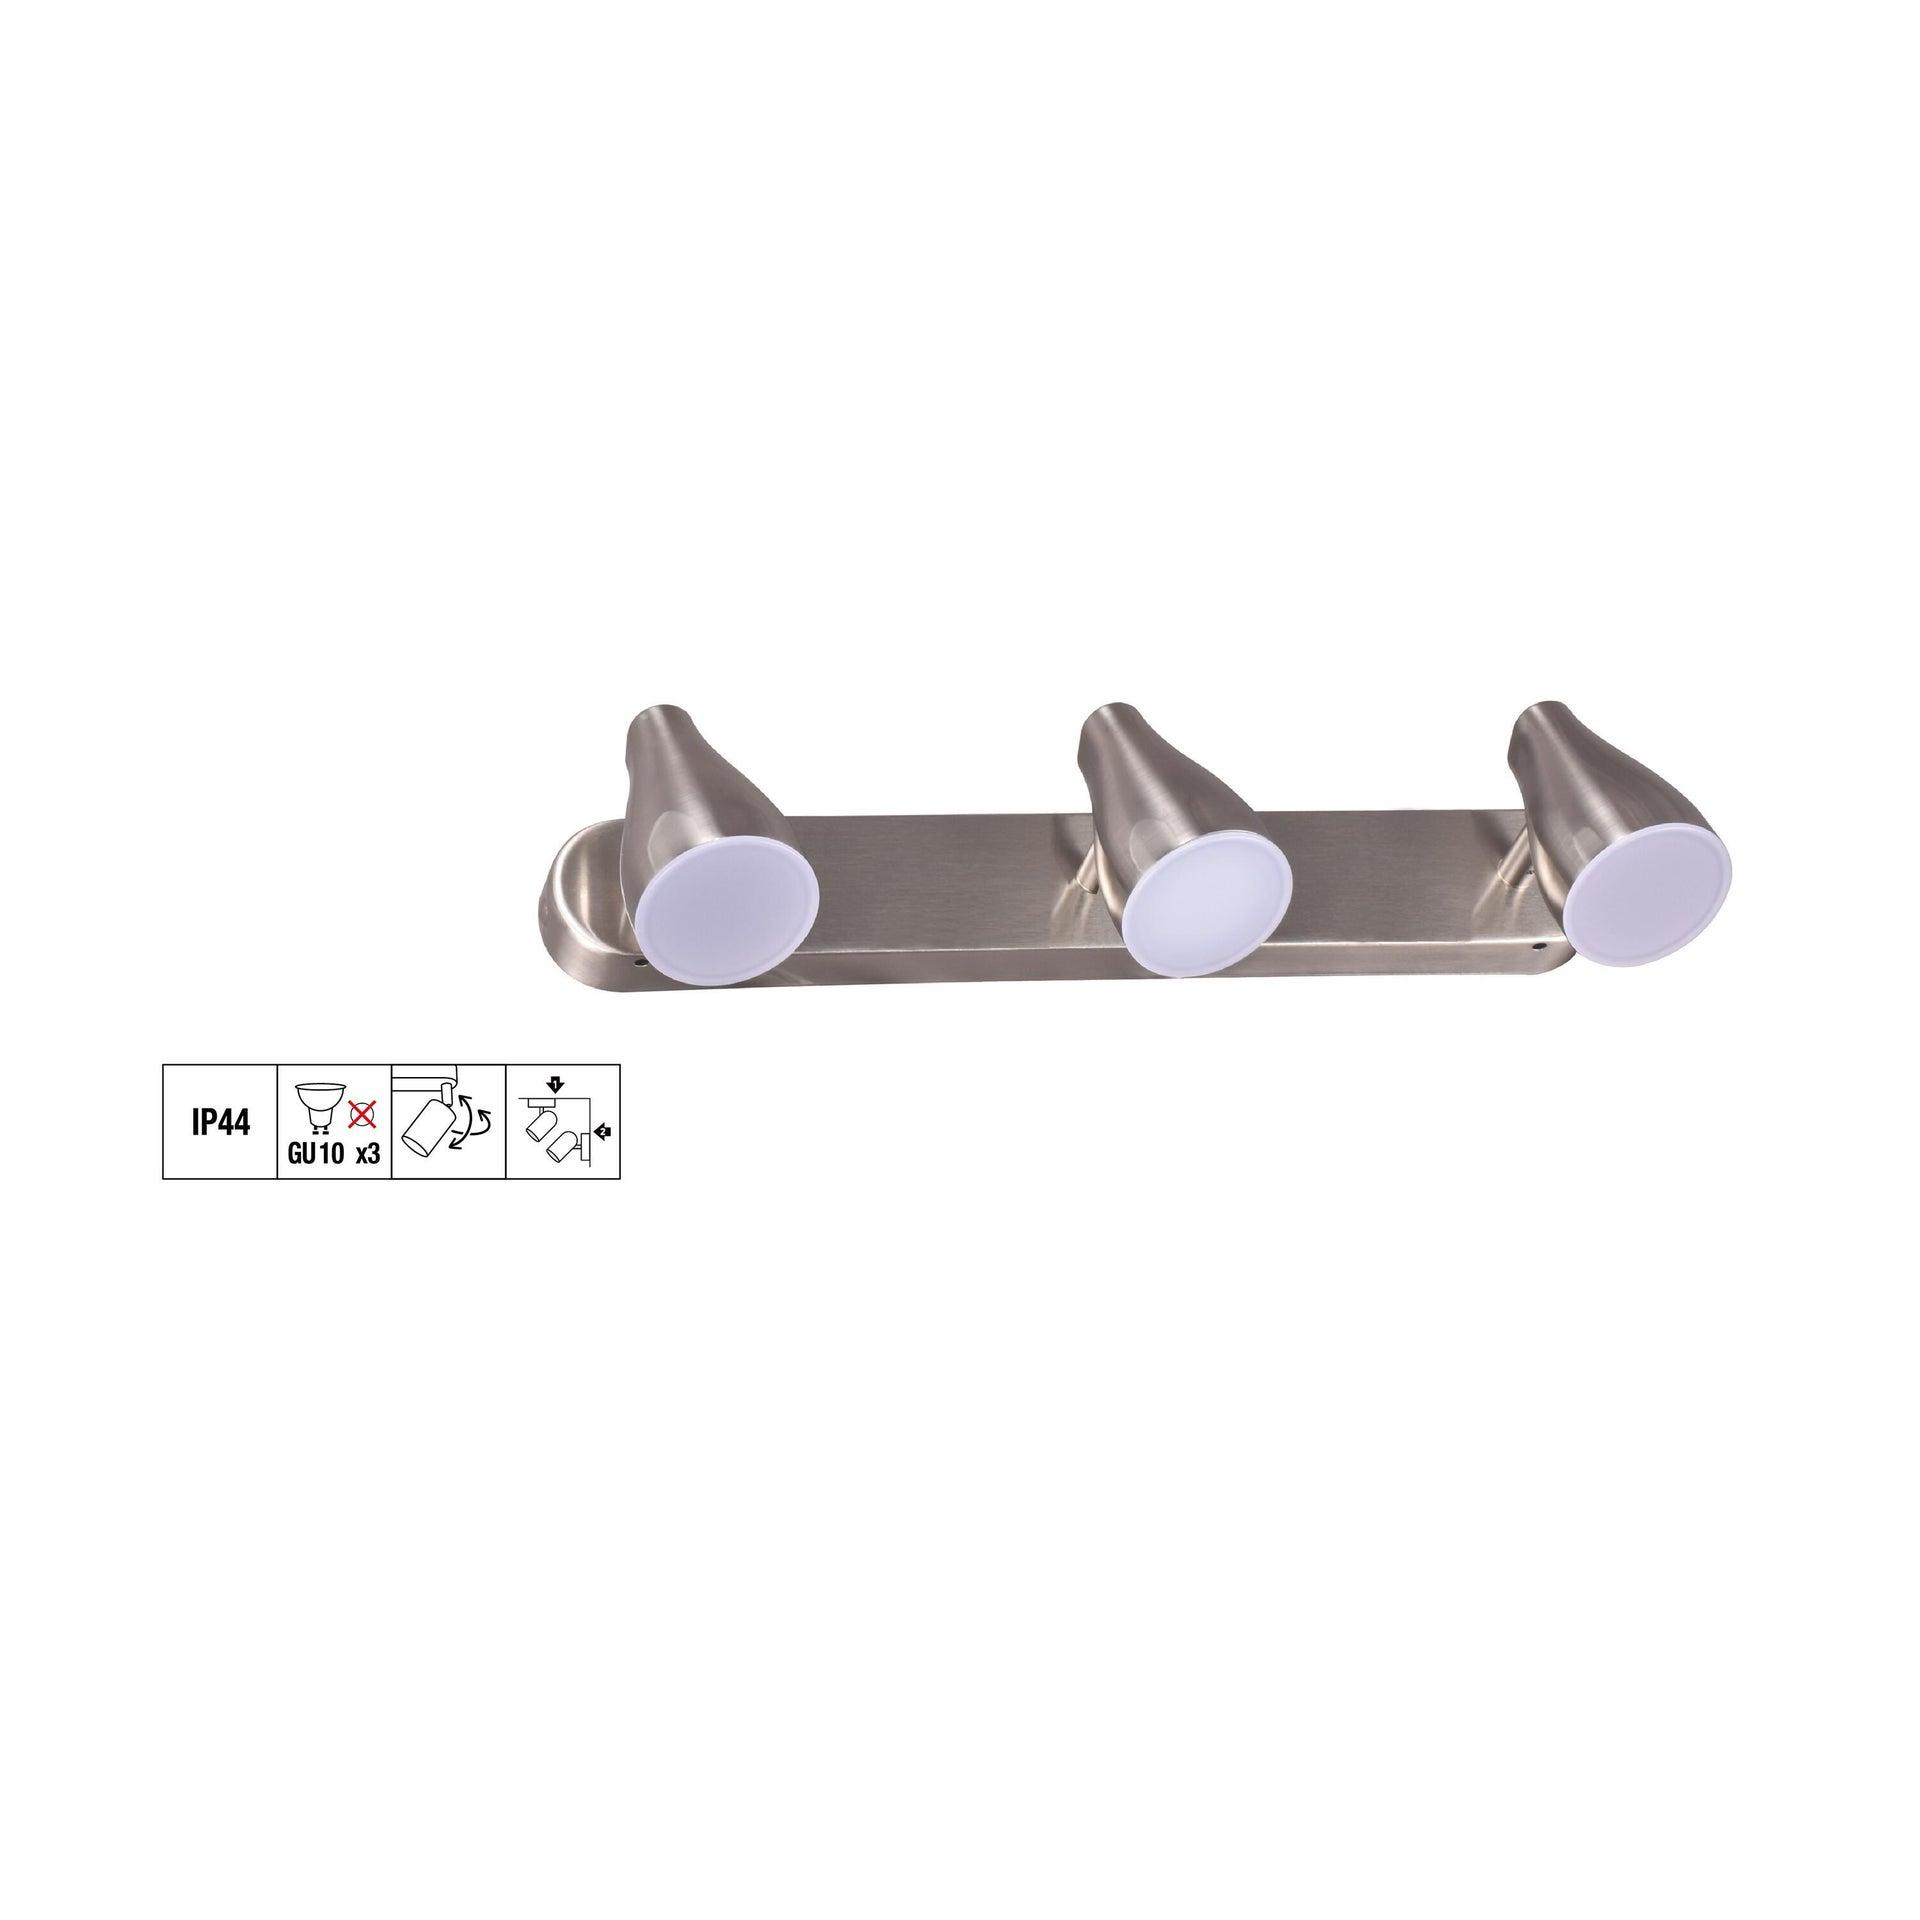 Barra di faretti Bar con 3 faretti cromo, in plastica, GU10 3xIP44 - 8